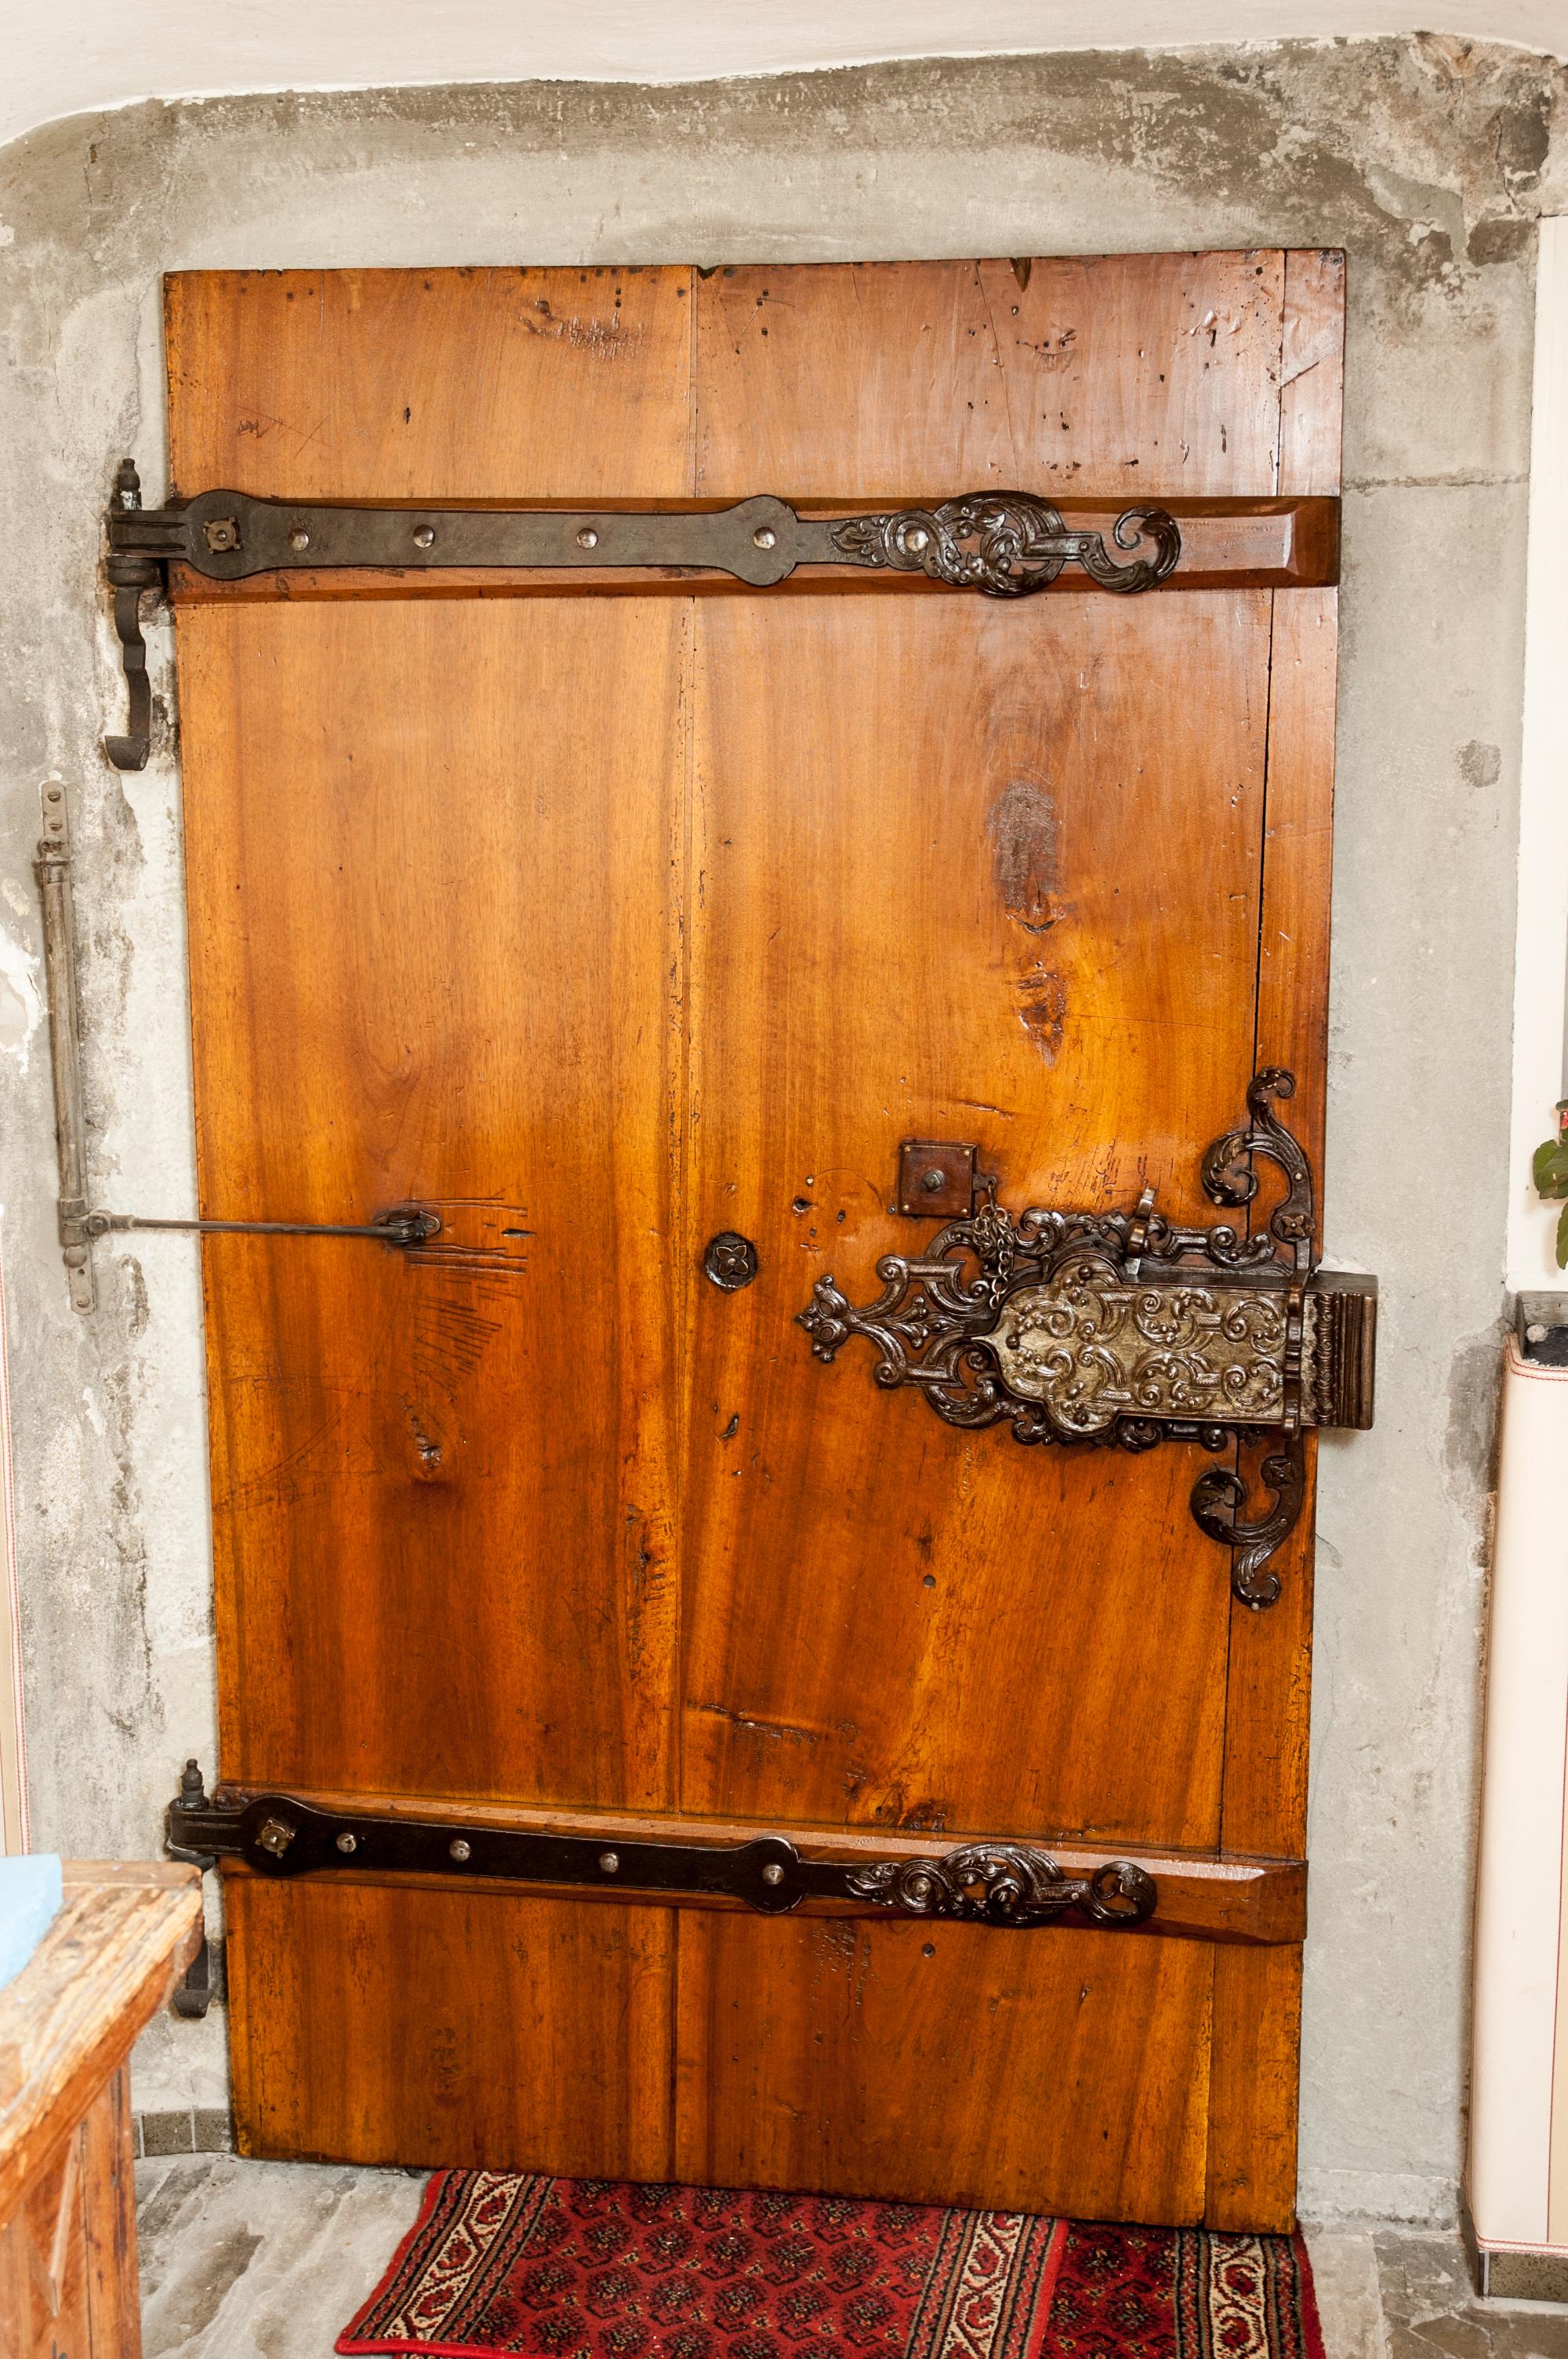 Eingangstüre dat. 1630